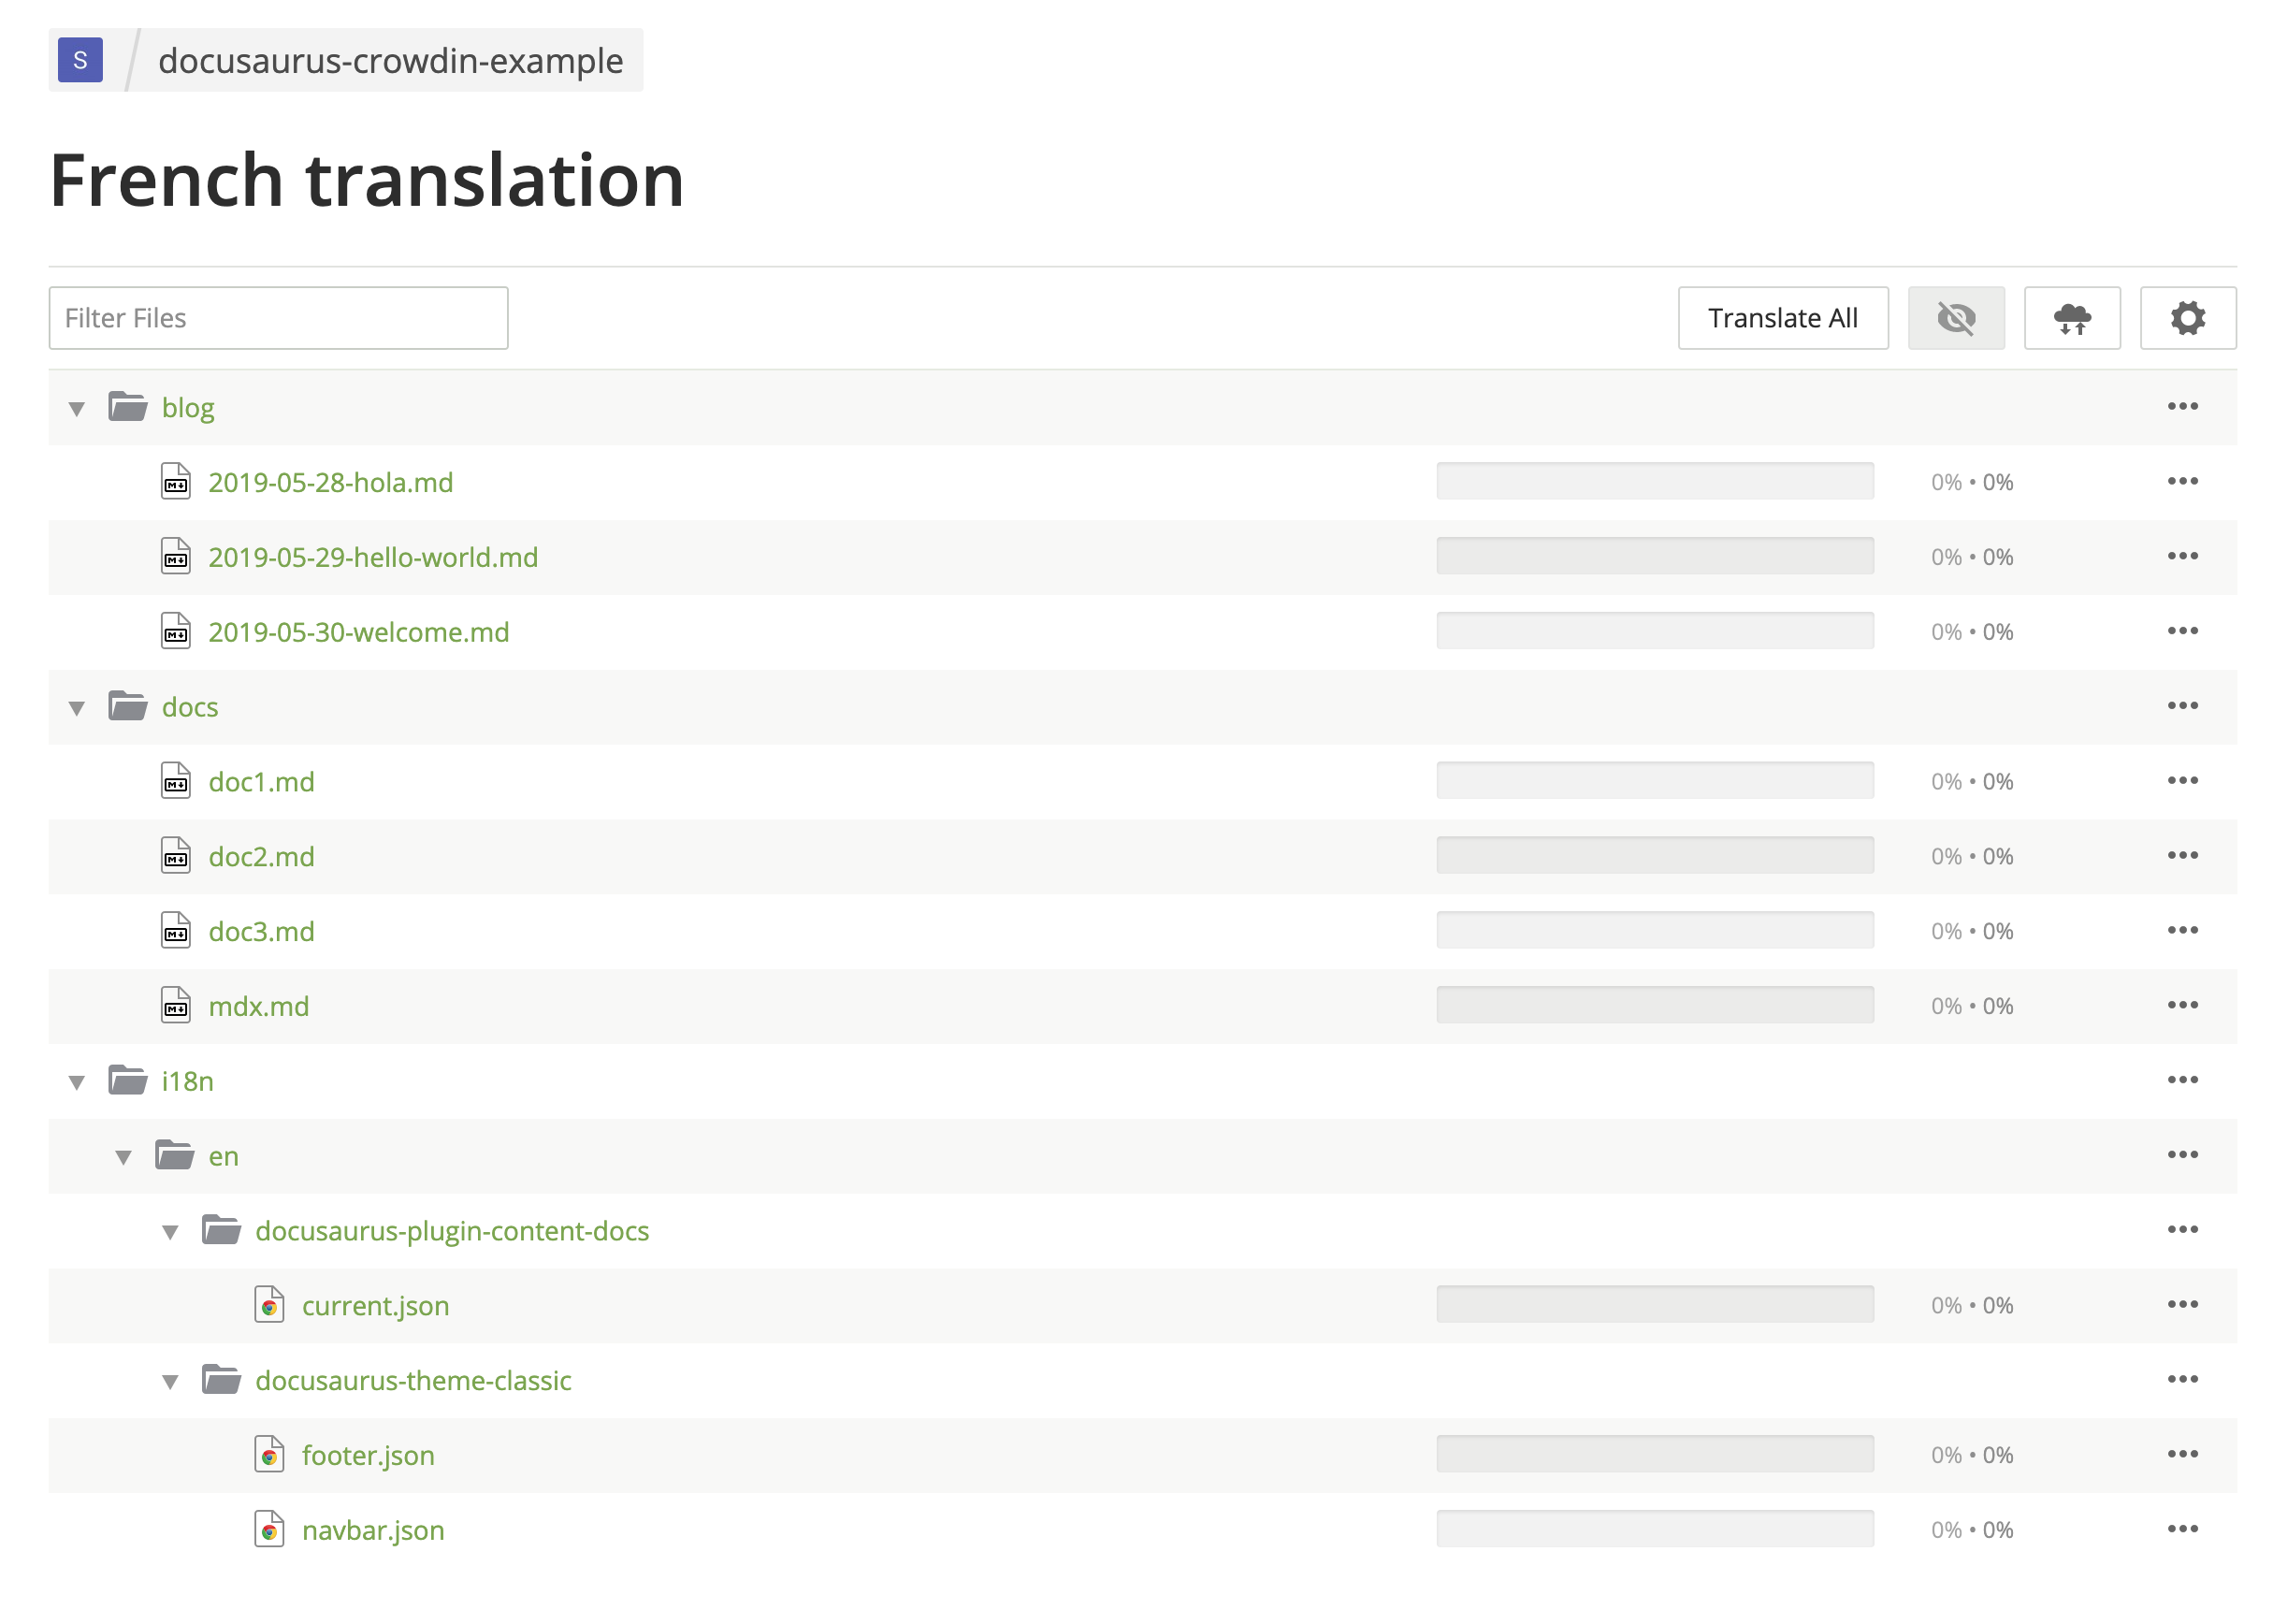 Crowdin UI mostrando arquivos de tradução em francês